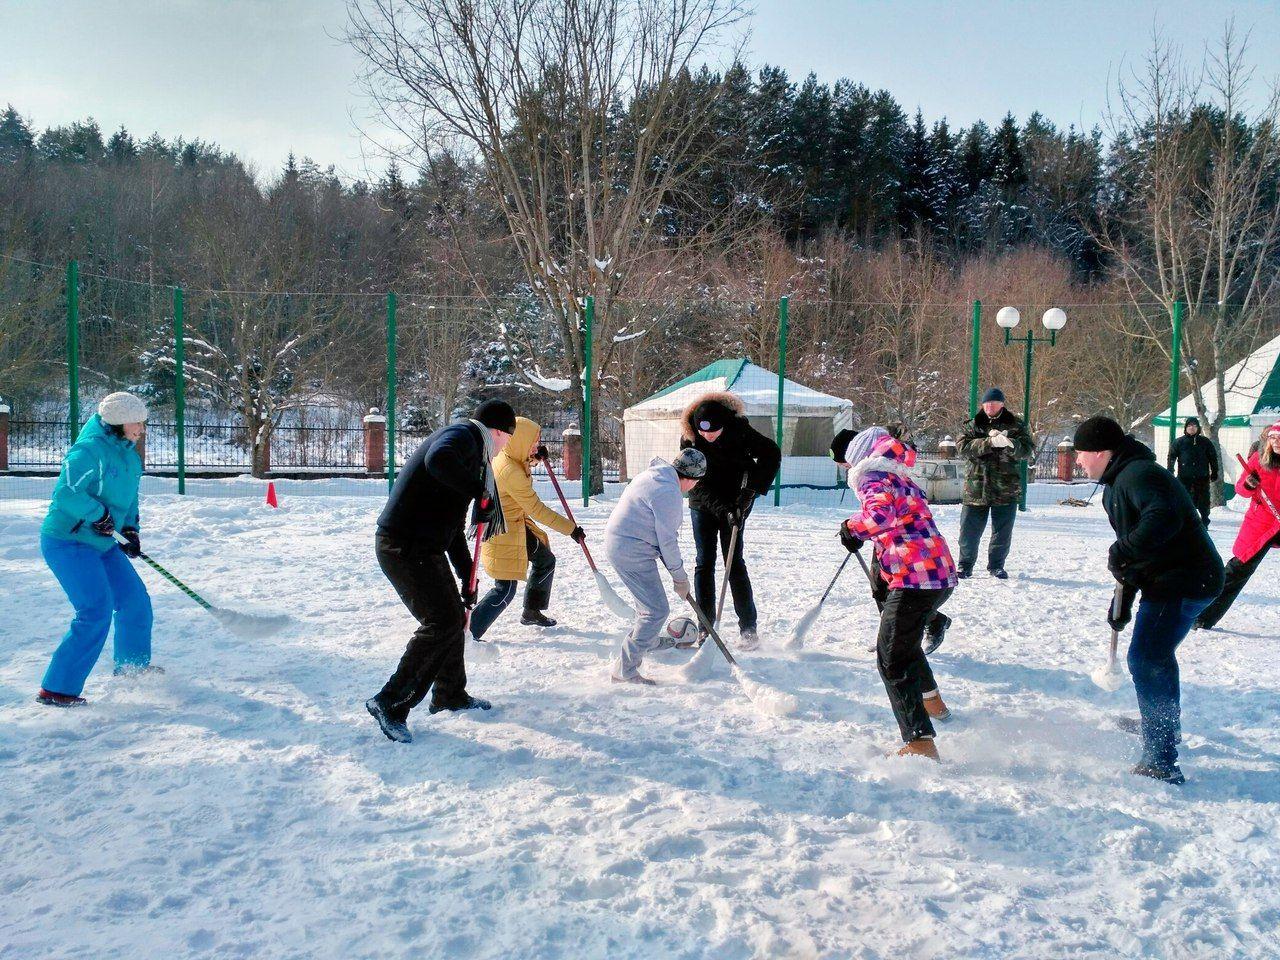 Зимний спортивный праздник для детей и взрослых. Фотографии с разных городов, детей и взрослых. Скачать можно у нас бесплатно!